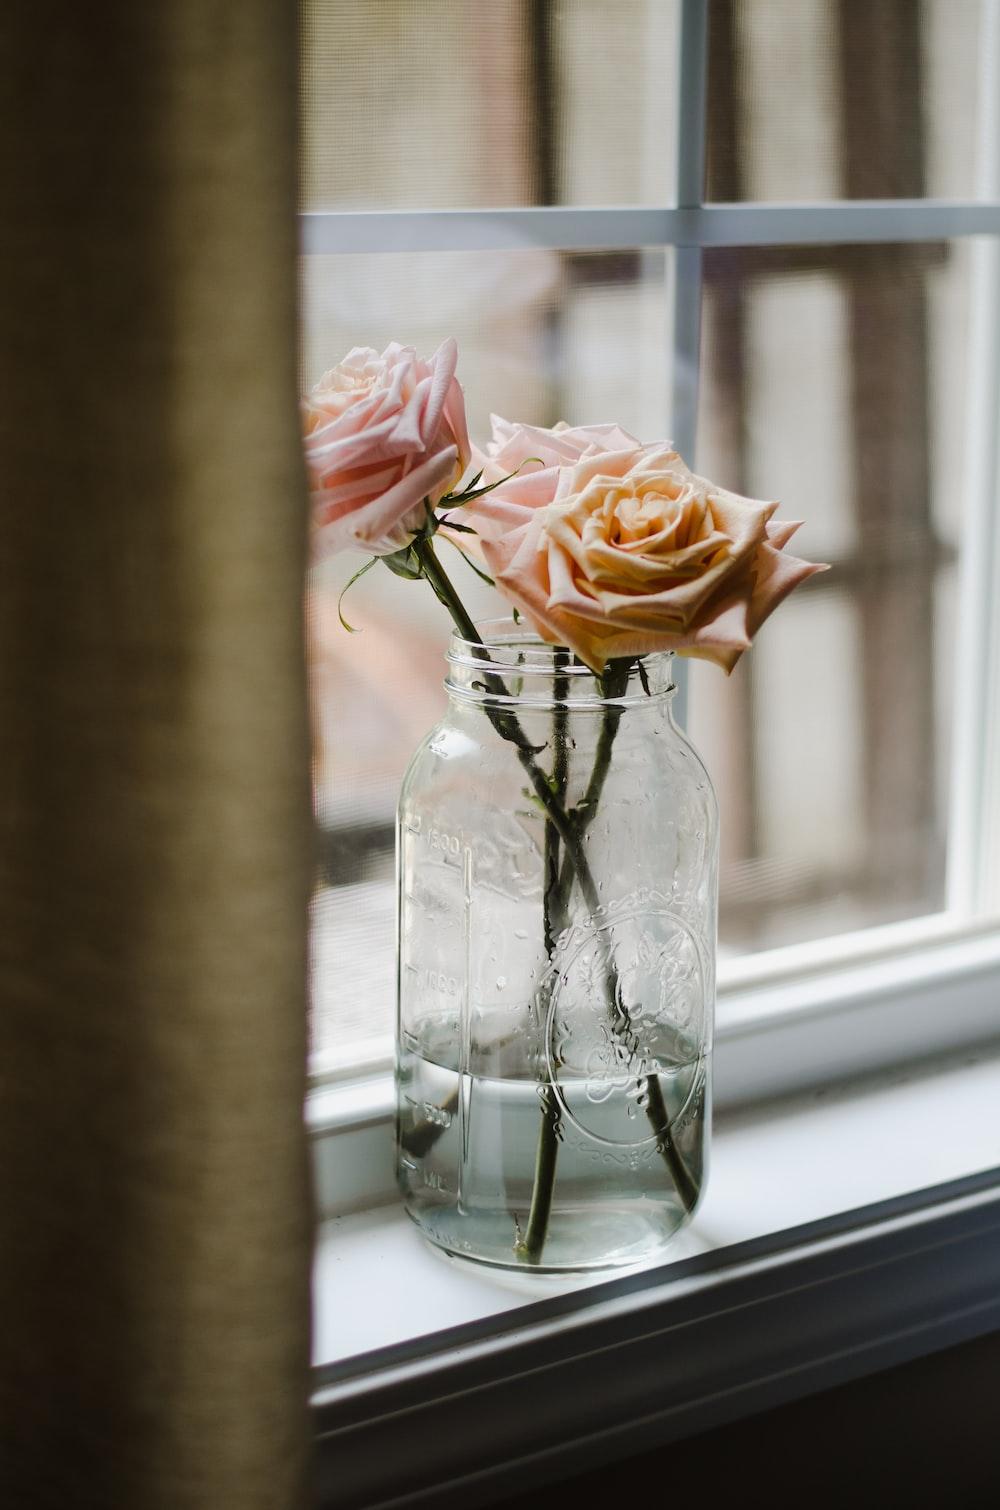 pink petaled flower on jar